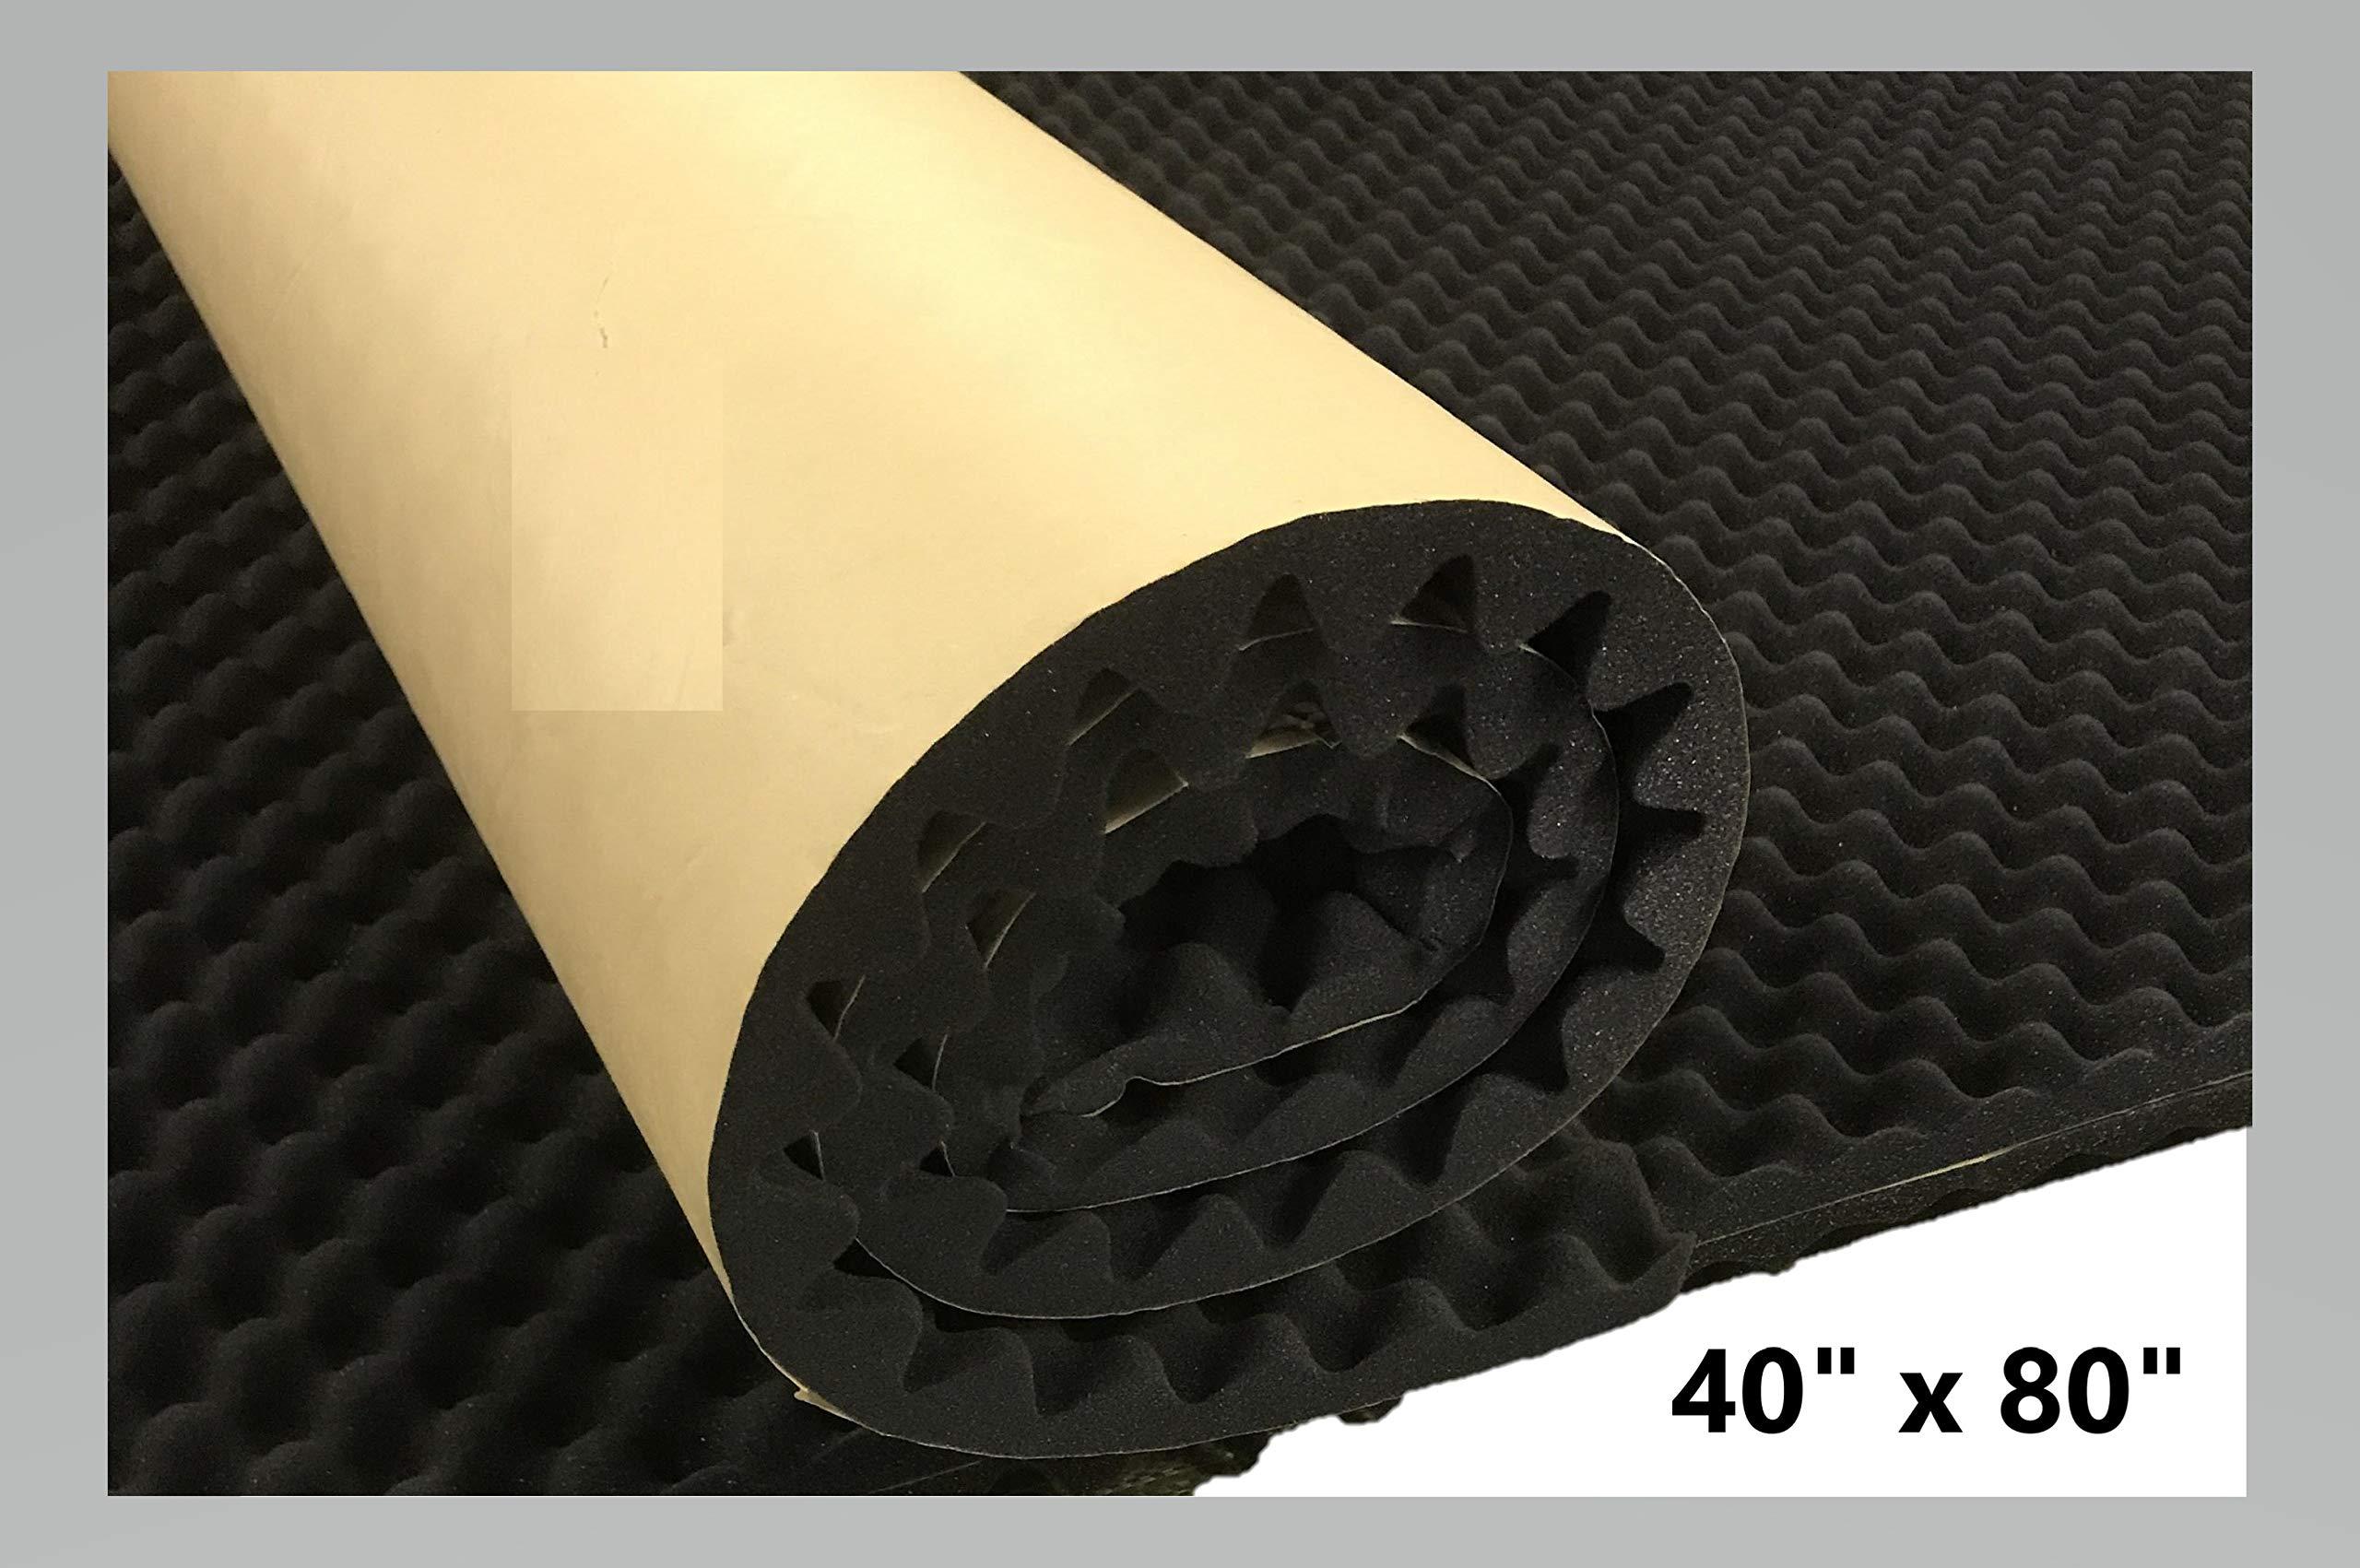 BookishBunny Self Adhesive Acoustic Foam Egg Crate Panel Studio Foam Wall Panel (40'' x 80'') by Bookishbunny (Image #1)